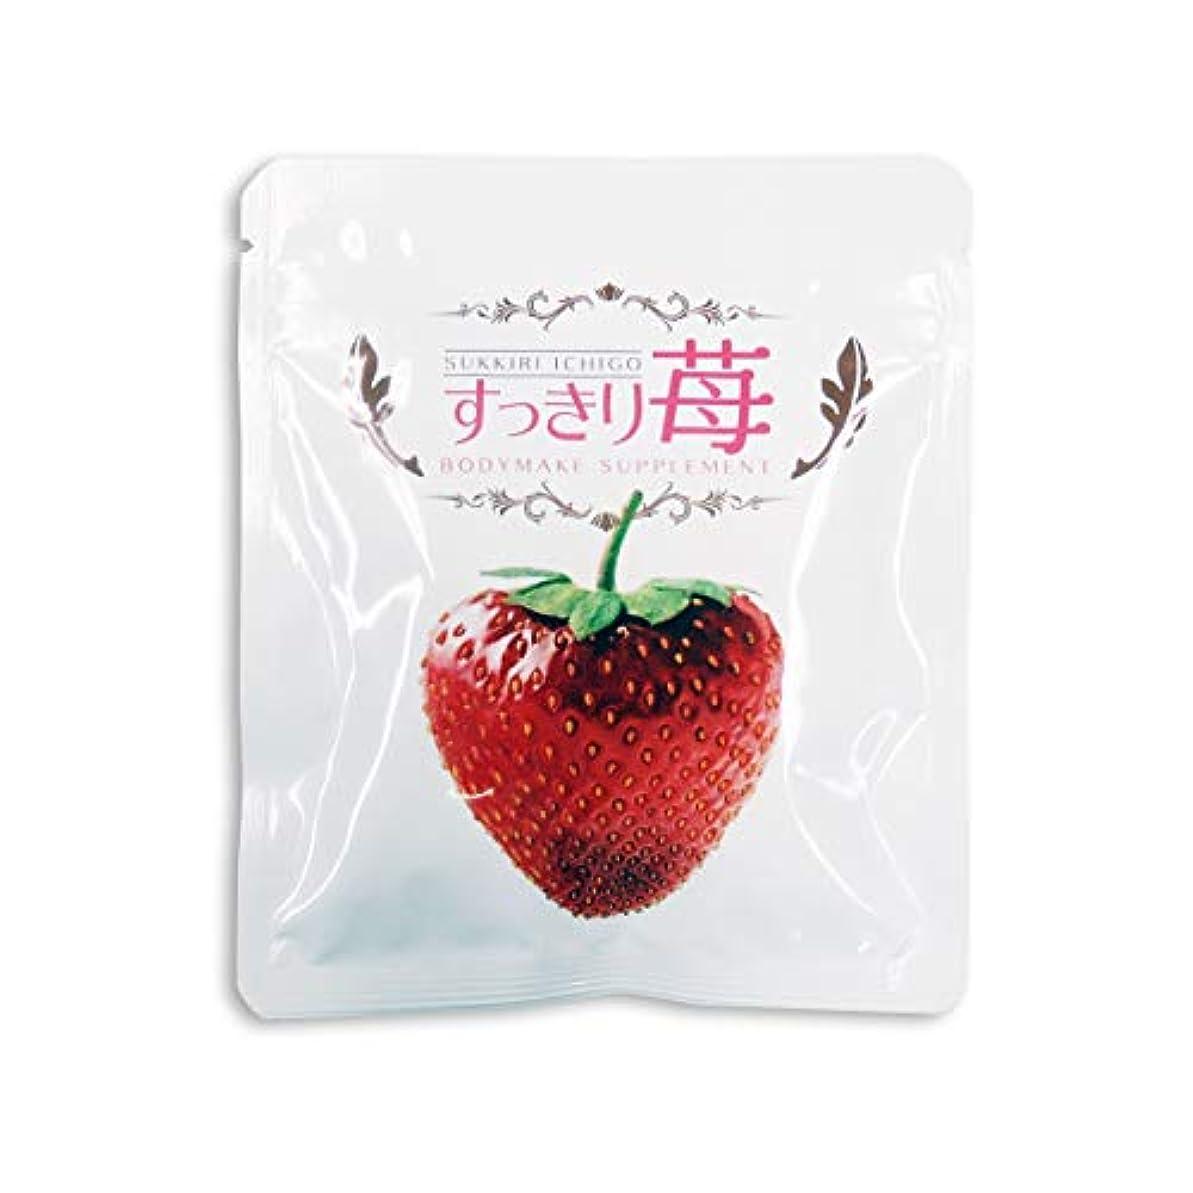 ビーズフレームワーク接地すっきり苺 ダイエタリーサプリメント